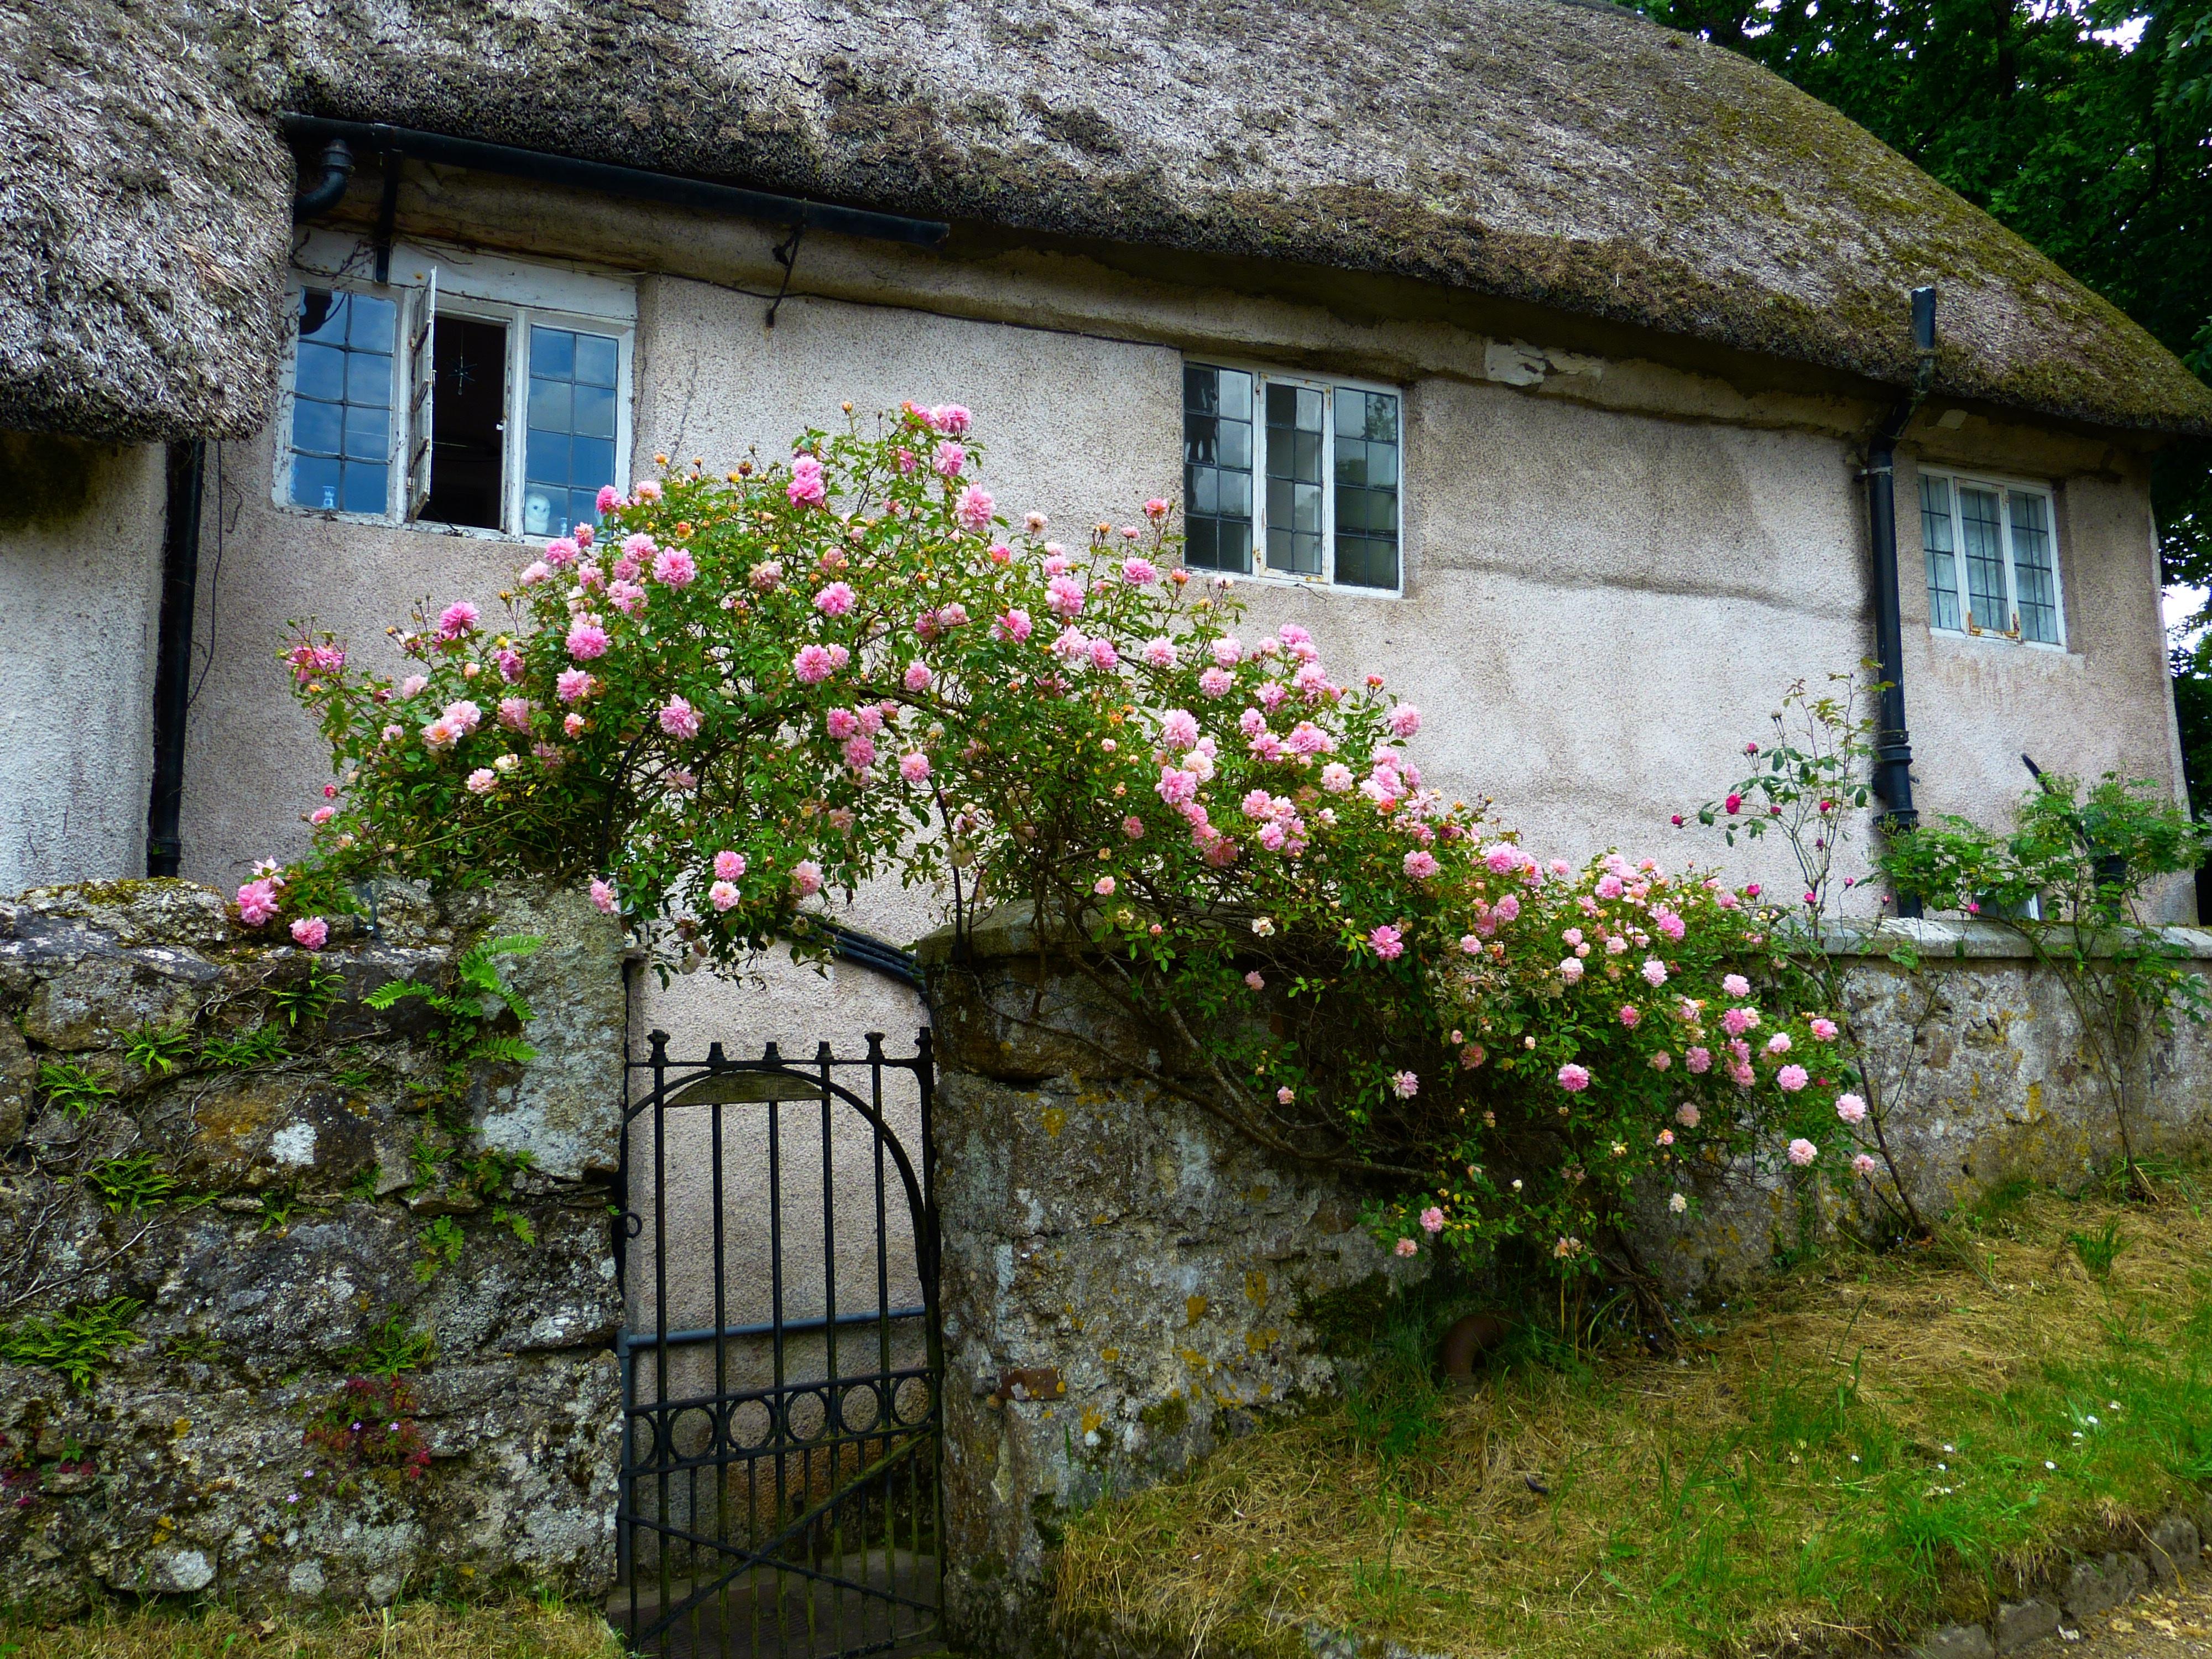 Gratis afbeeldingen : farm huis bloem gebouw oud huis dorp